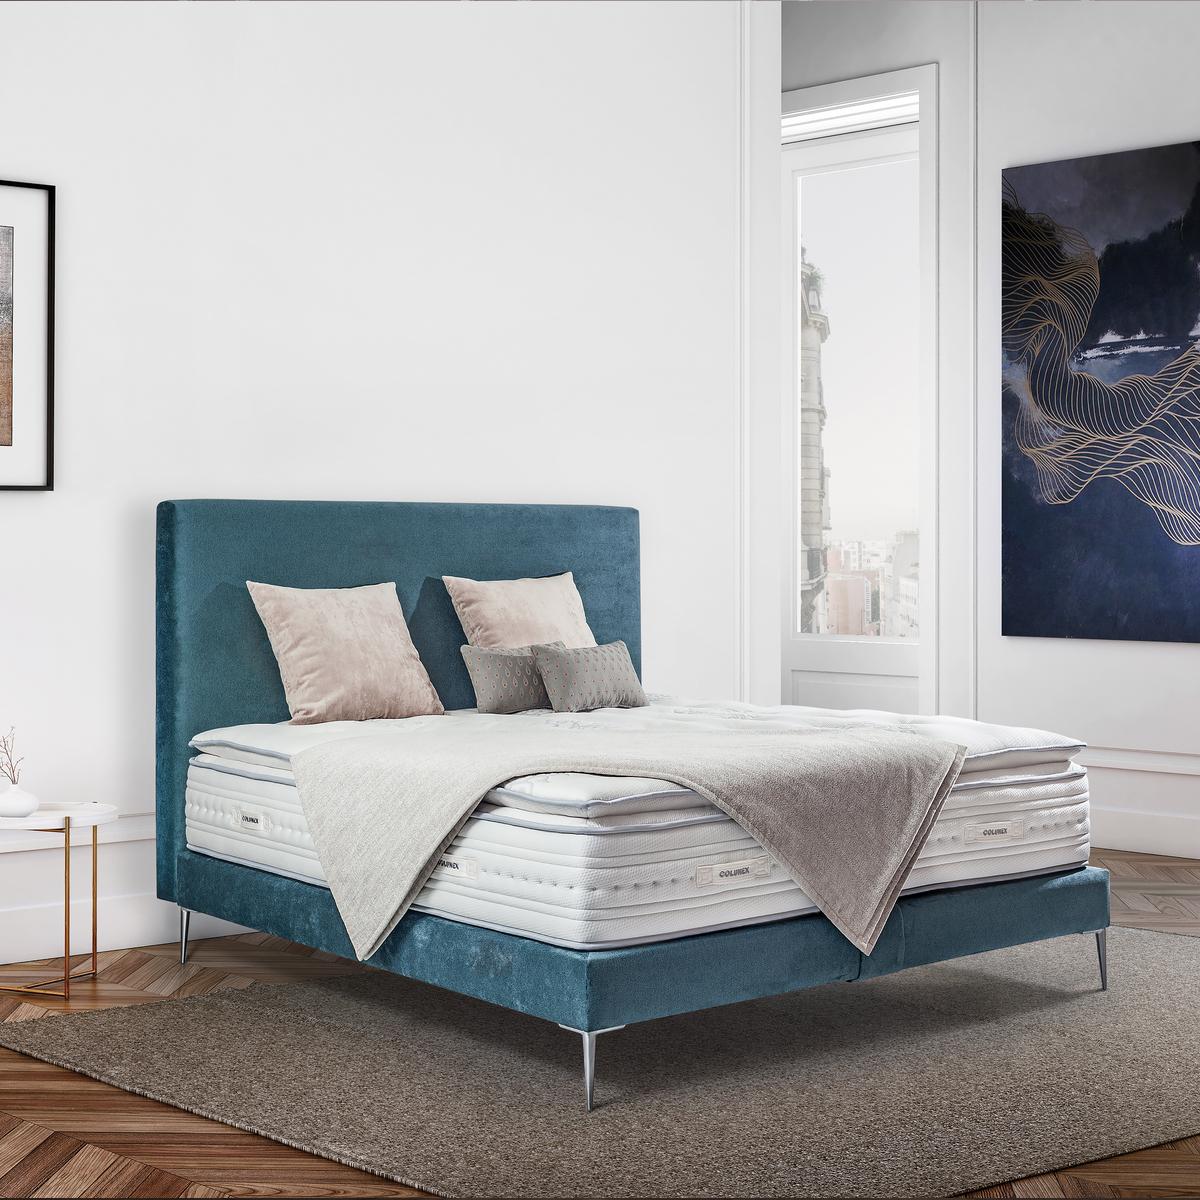 Tête de lit Cubic colunex cubic headboard inspiration